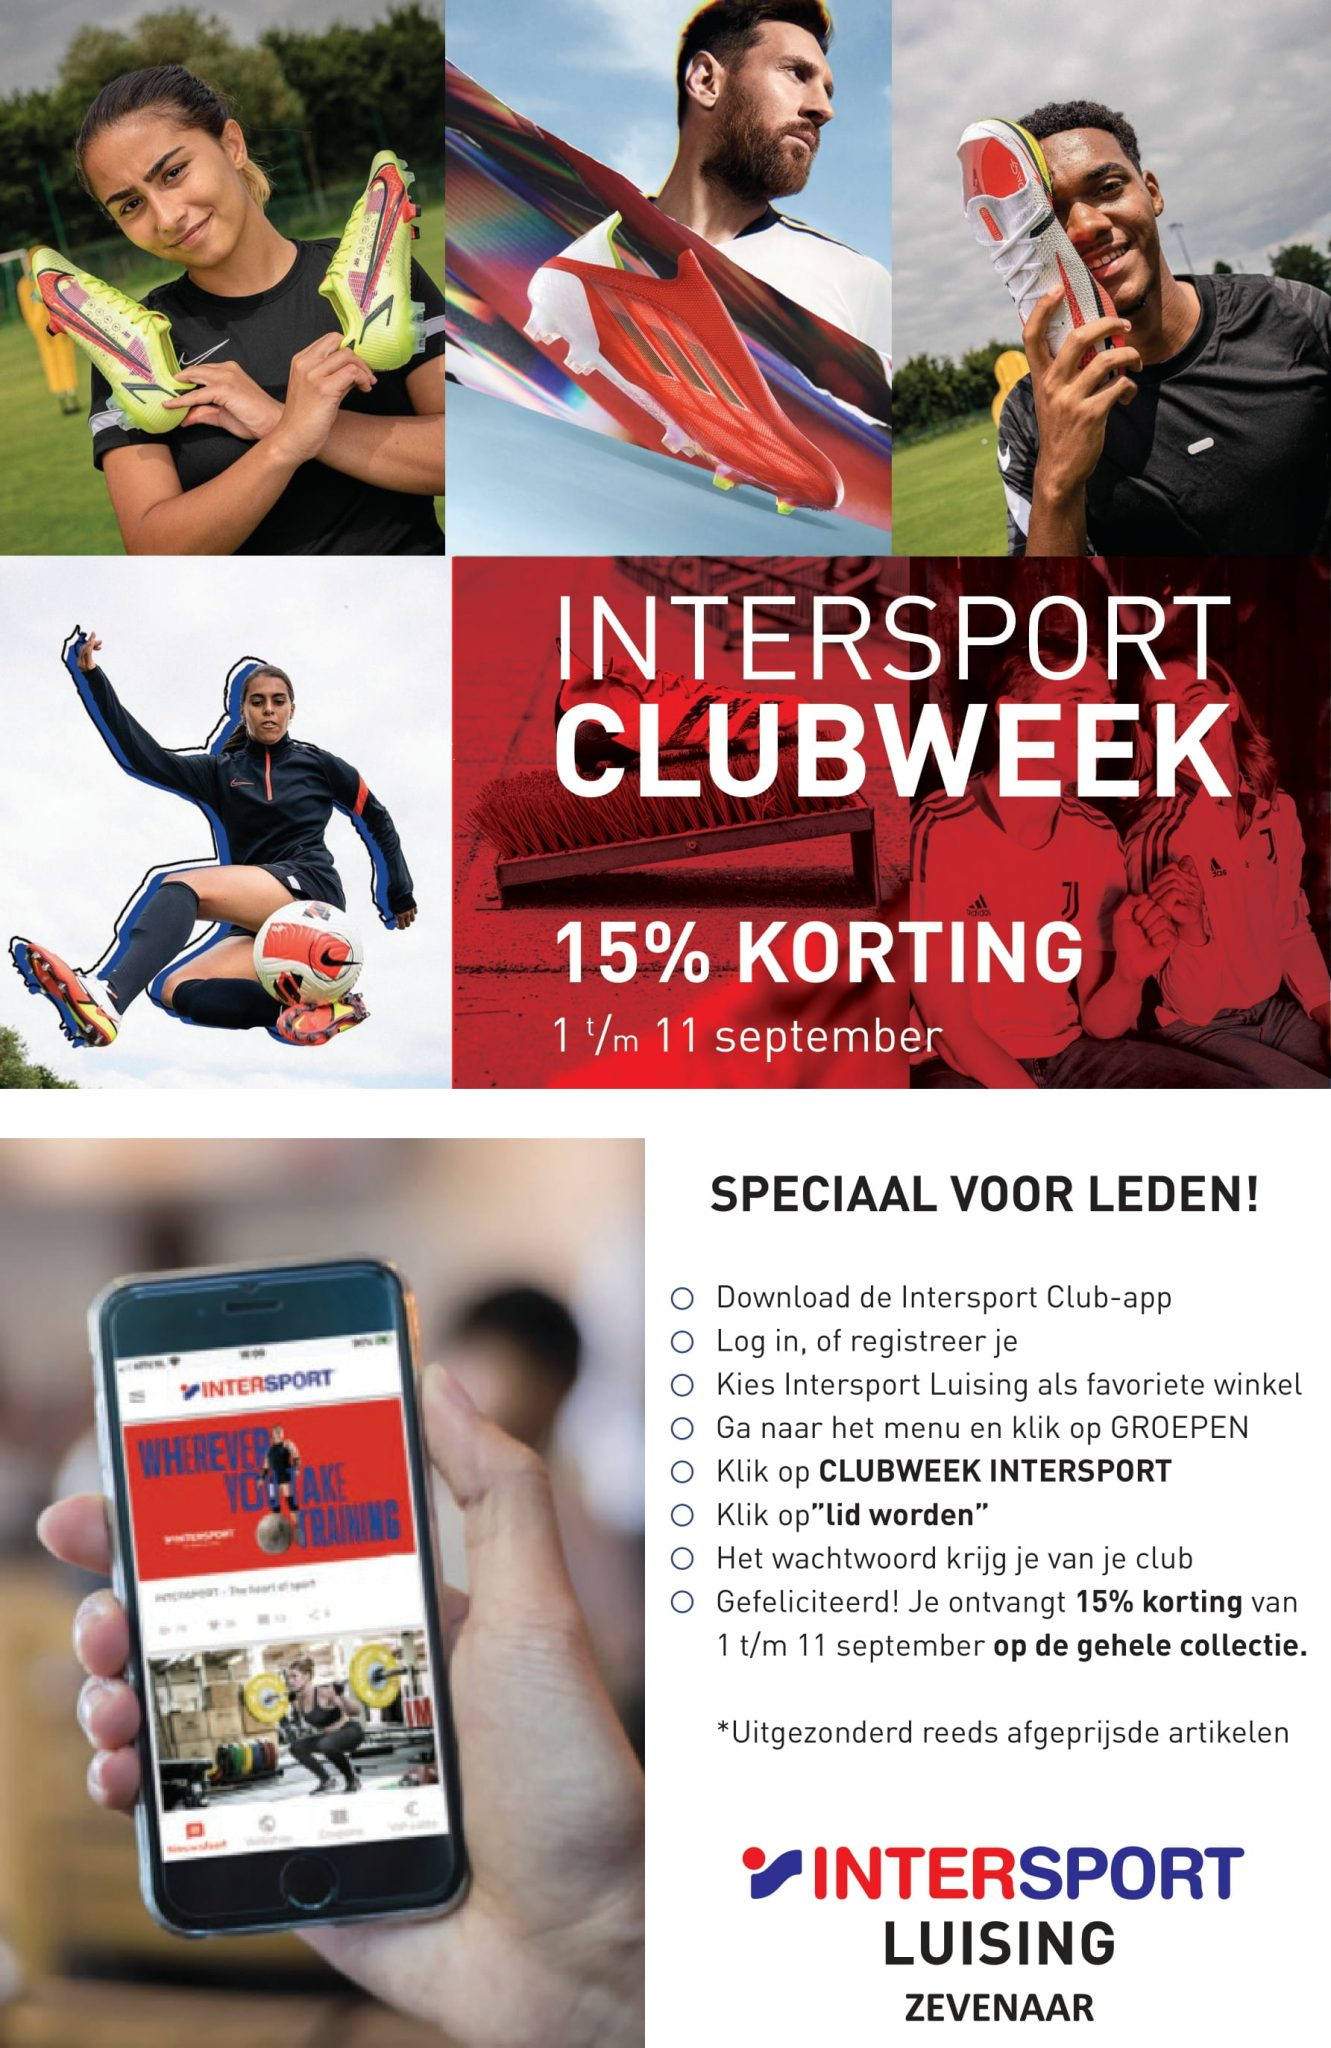 Clubweek